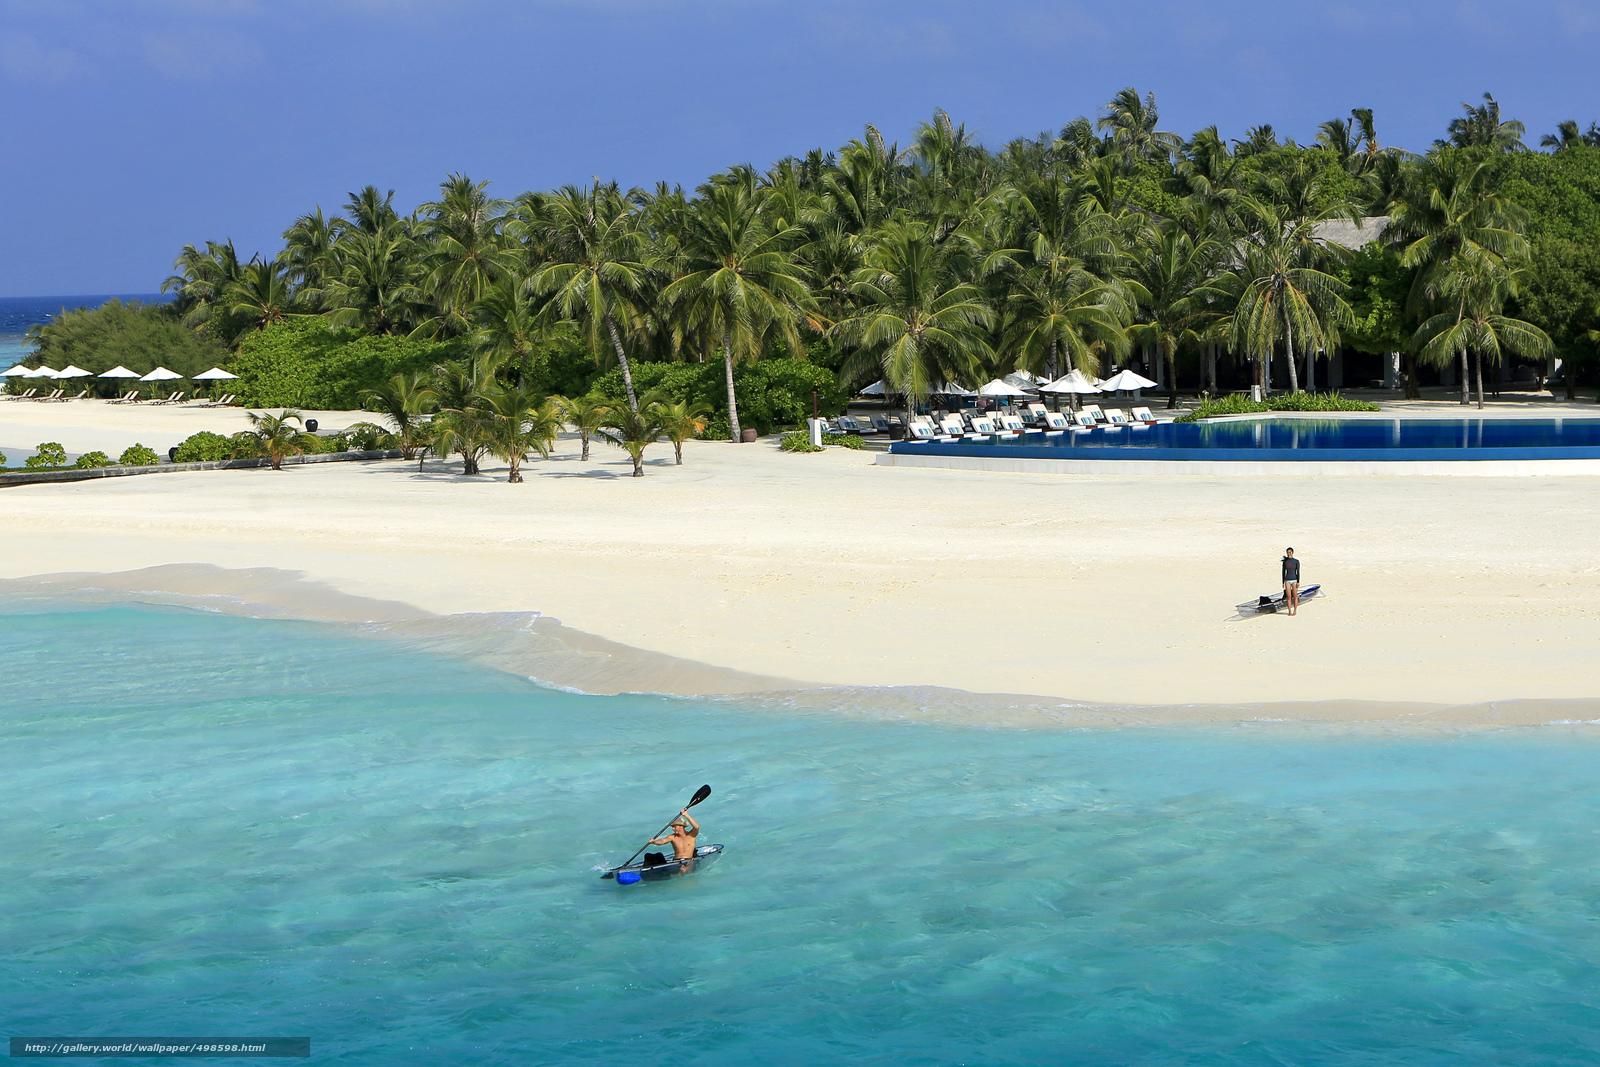 Tlcharger Fond d'ecran Maldives,  des tropiques,  plage Fonds d'ecran gratuits pour votre rsolution du bureau 5760x3840 — image №498598